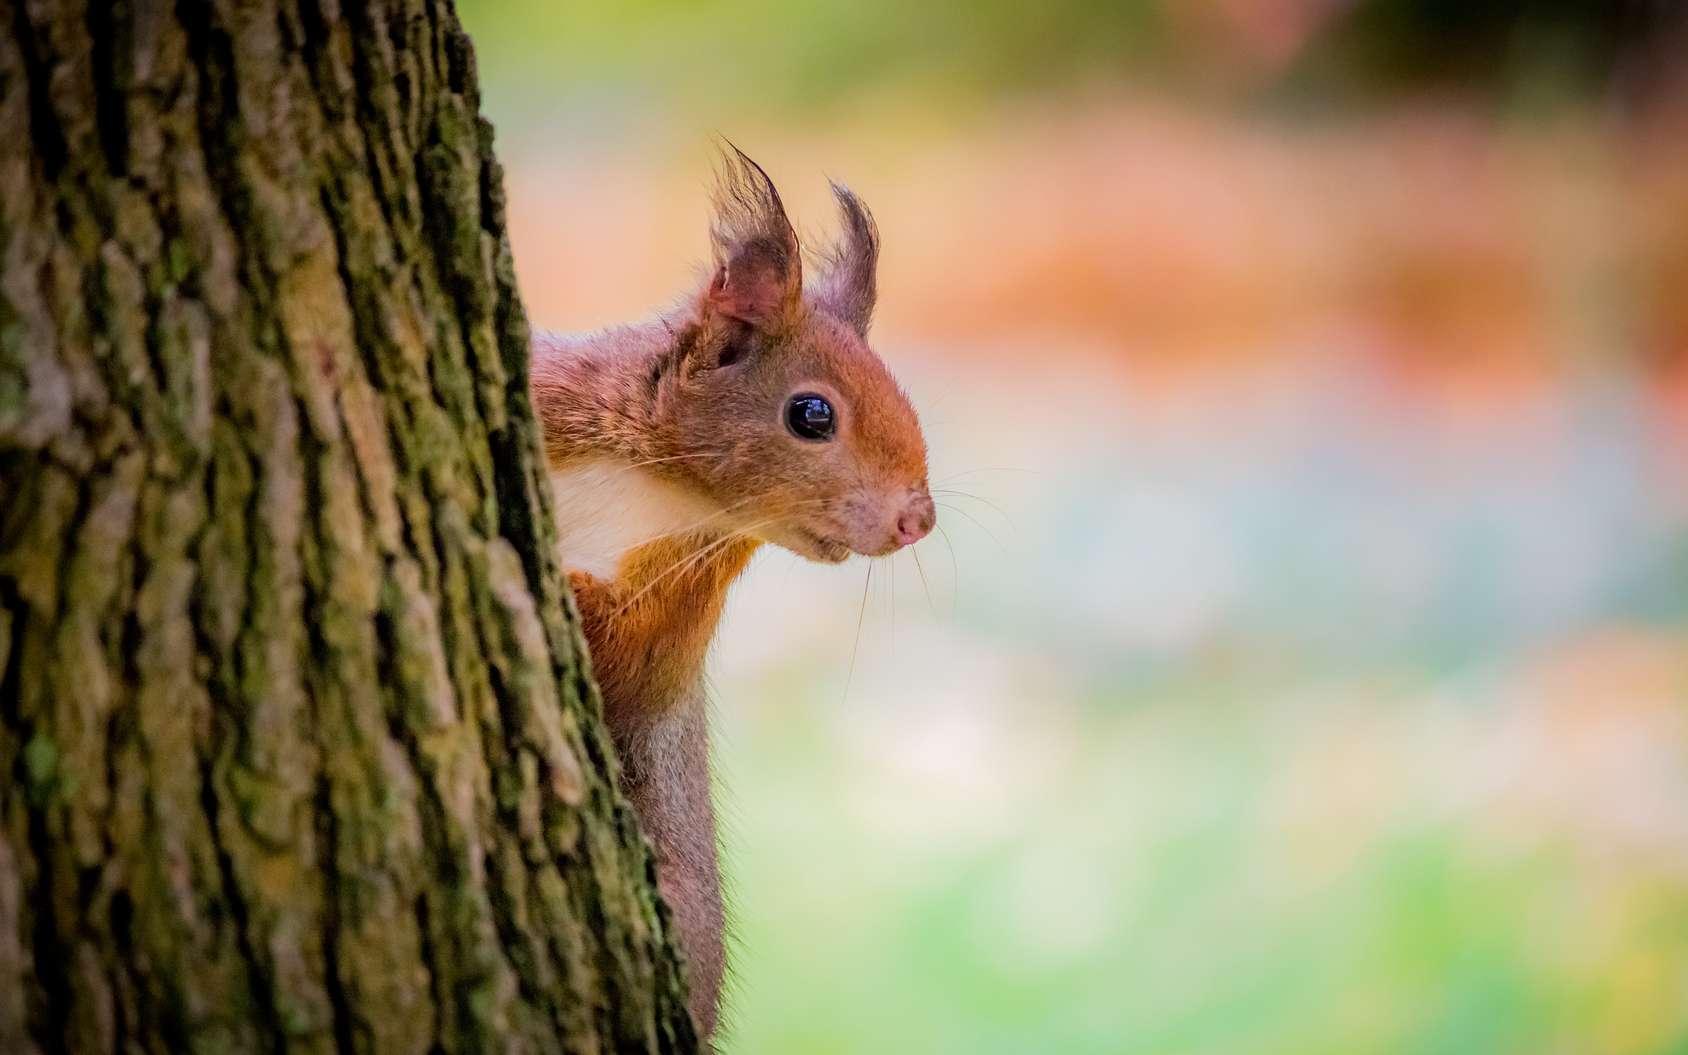 Des poils poussent sur les oreilles de l'écureuil en automne. © MangAllyPop@ER, Fotolia